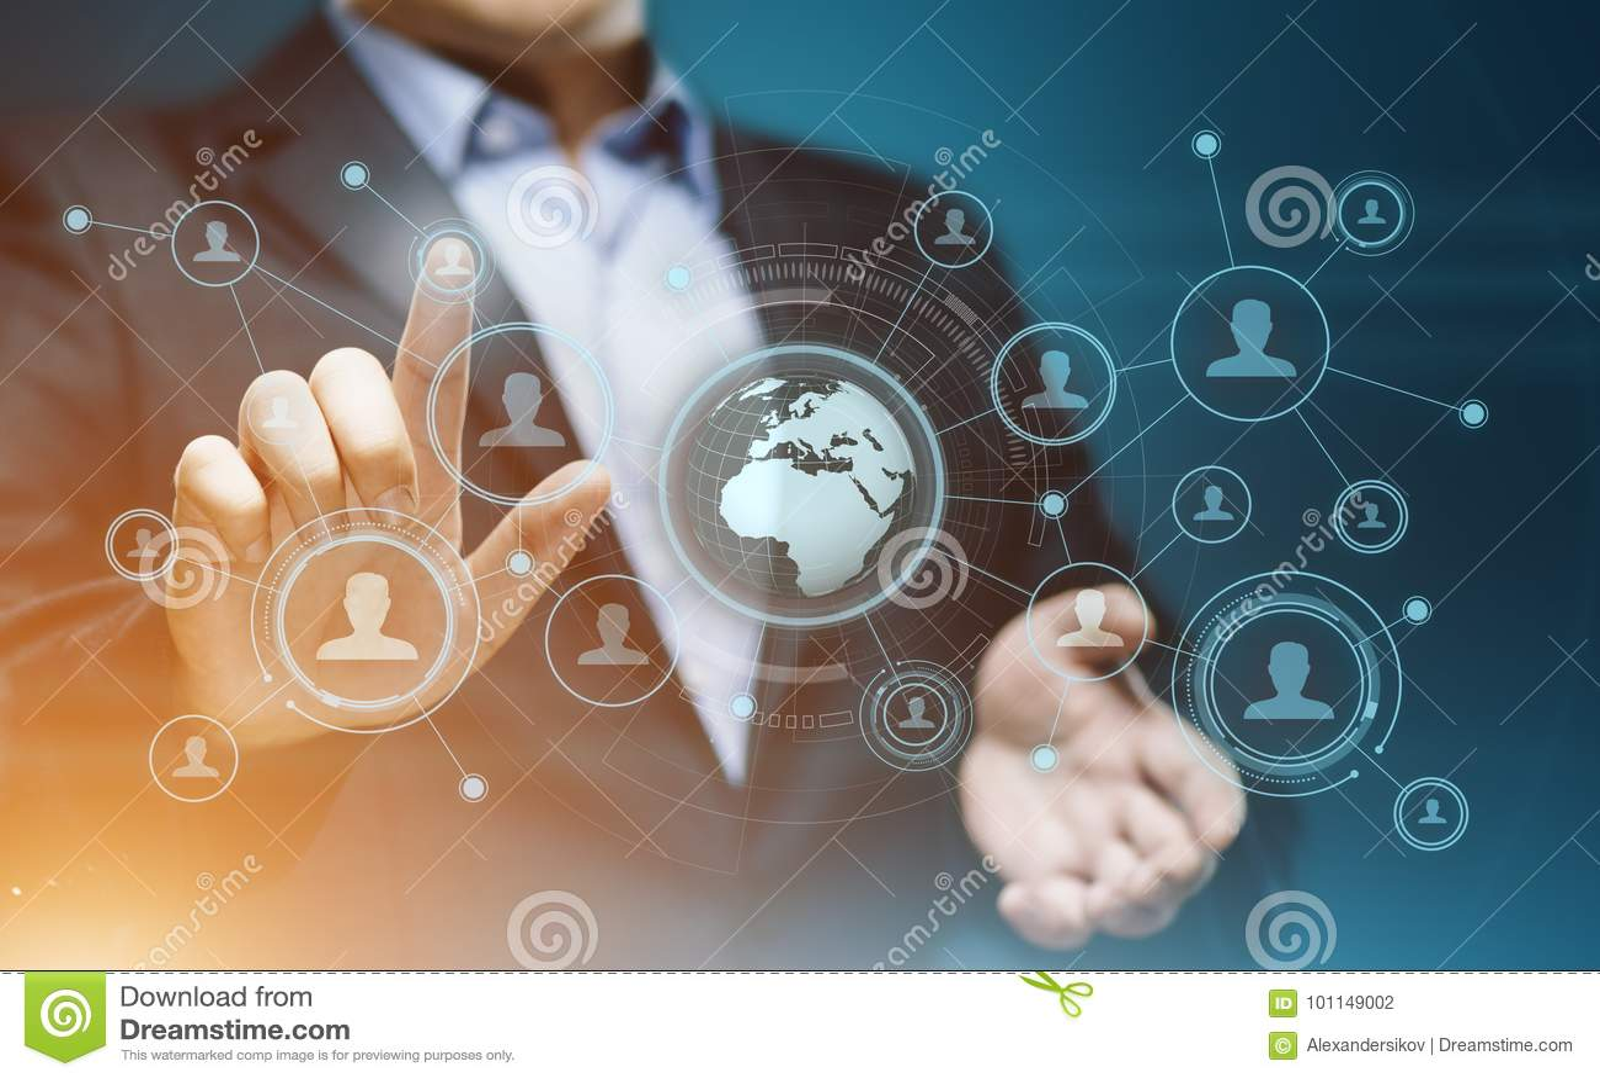 社会媒介通讯网络互联网企业技术概念